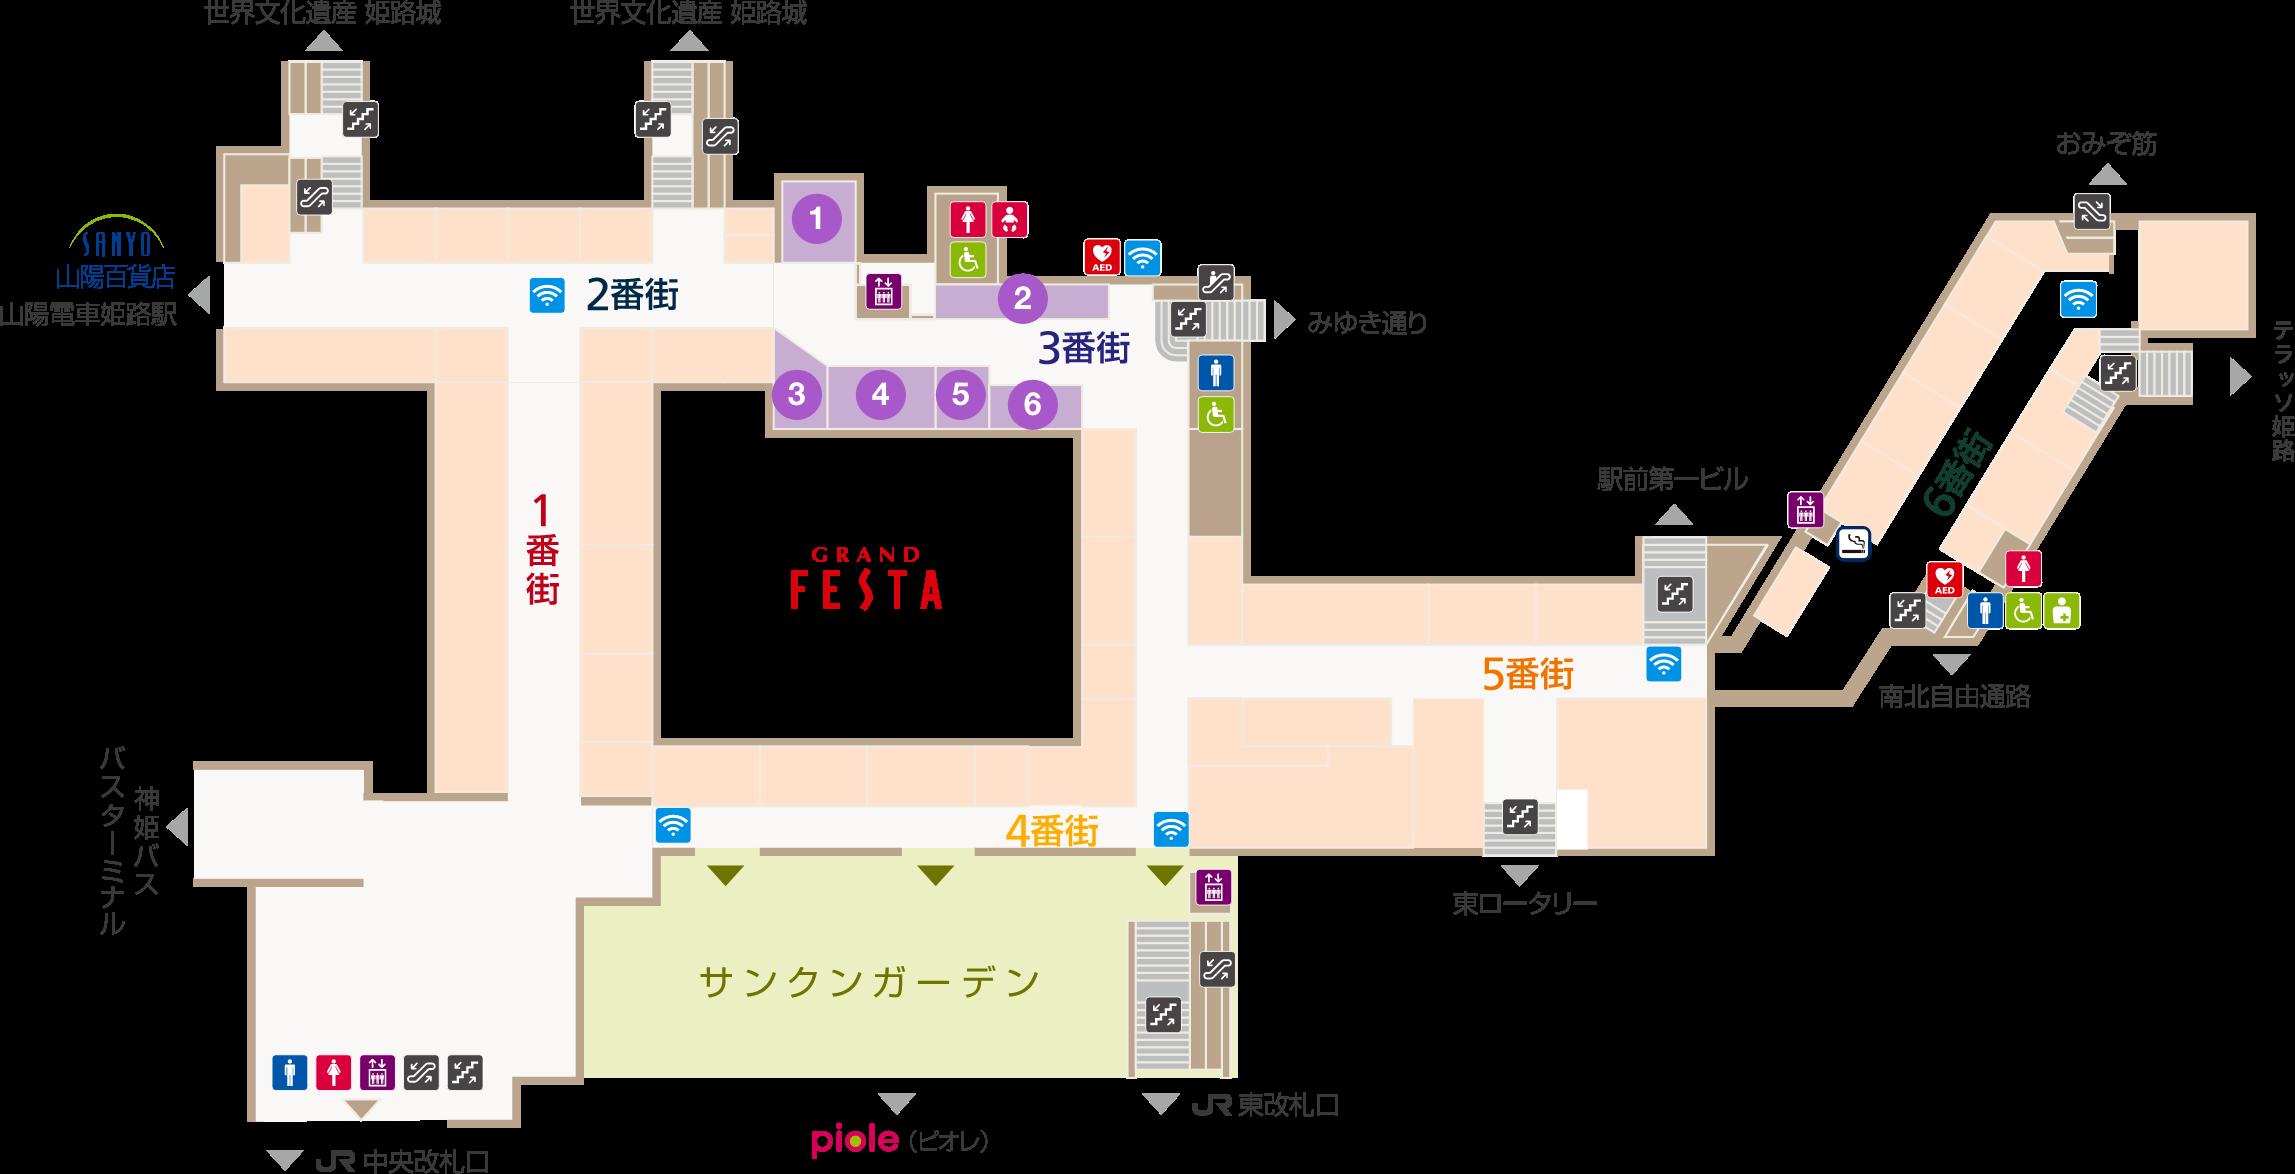 フェスタビル マップ3F